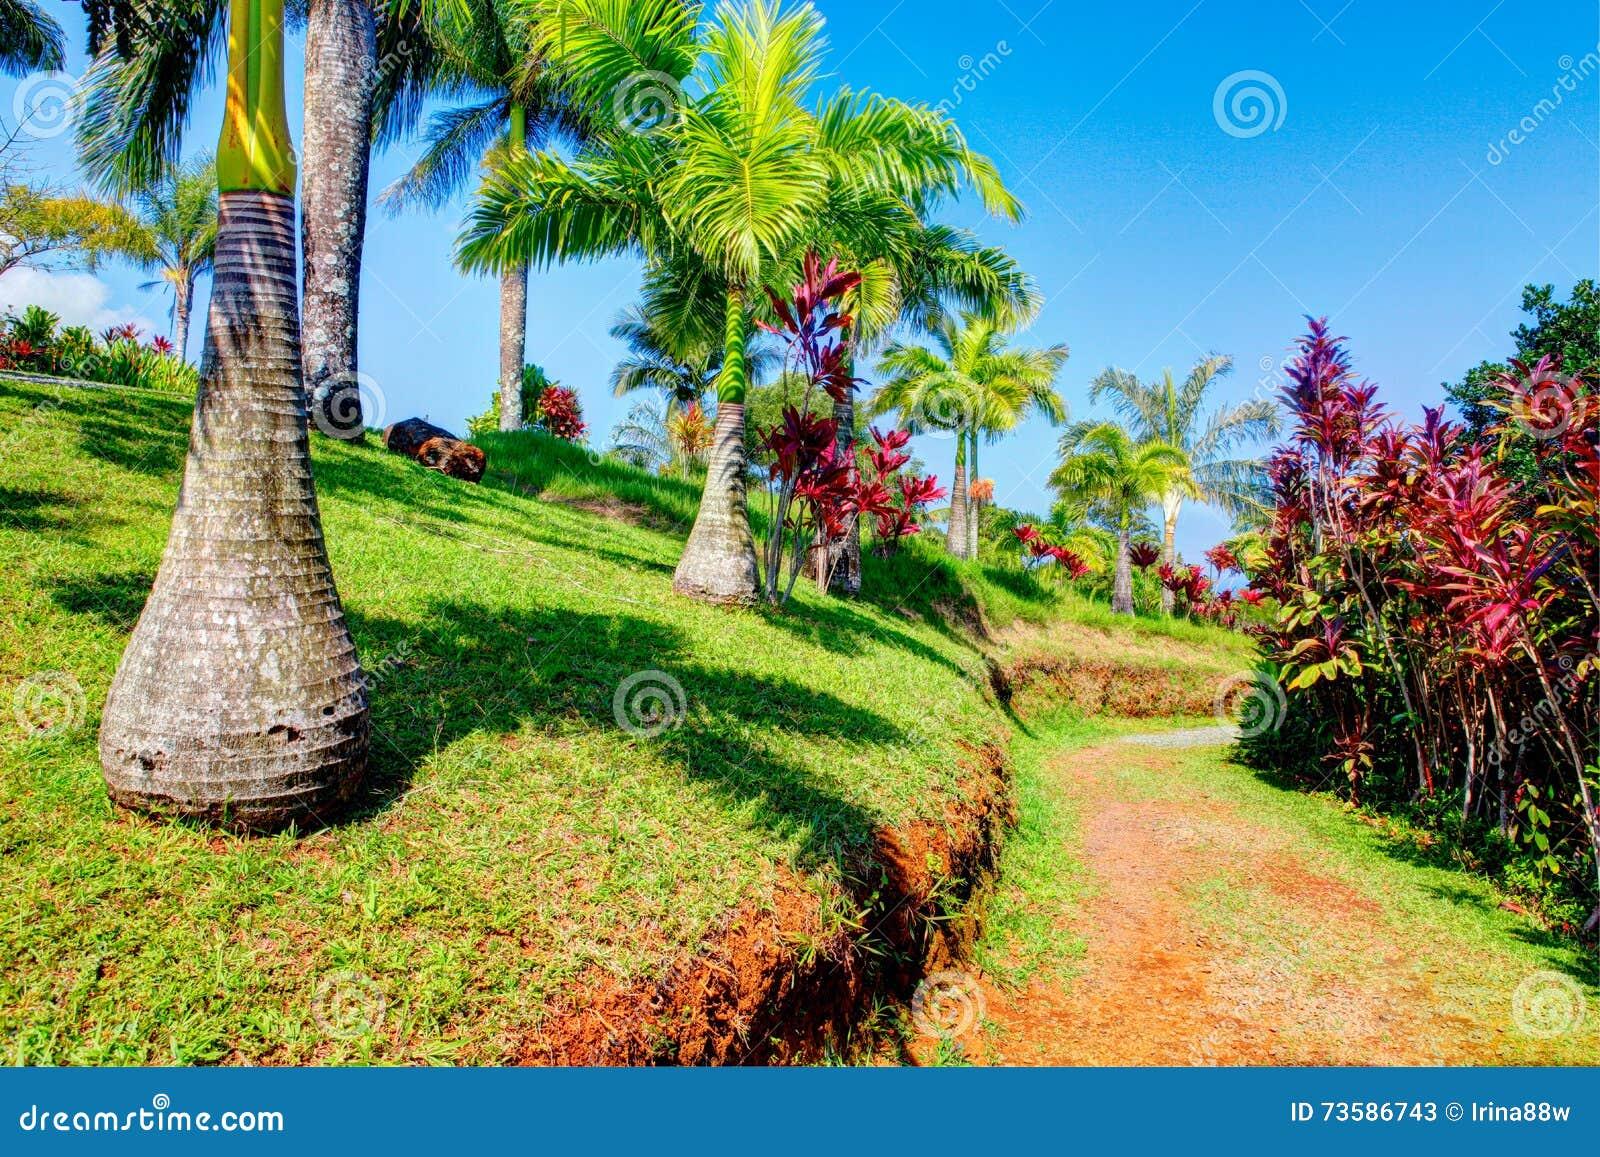 Palms In Tropical Garden Garden Of Eden Maui Hawaii Stock Image